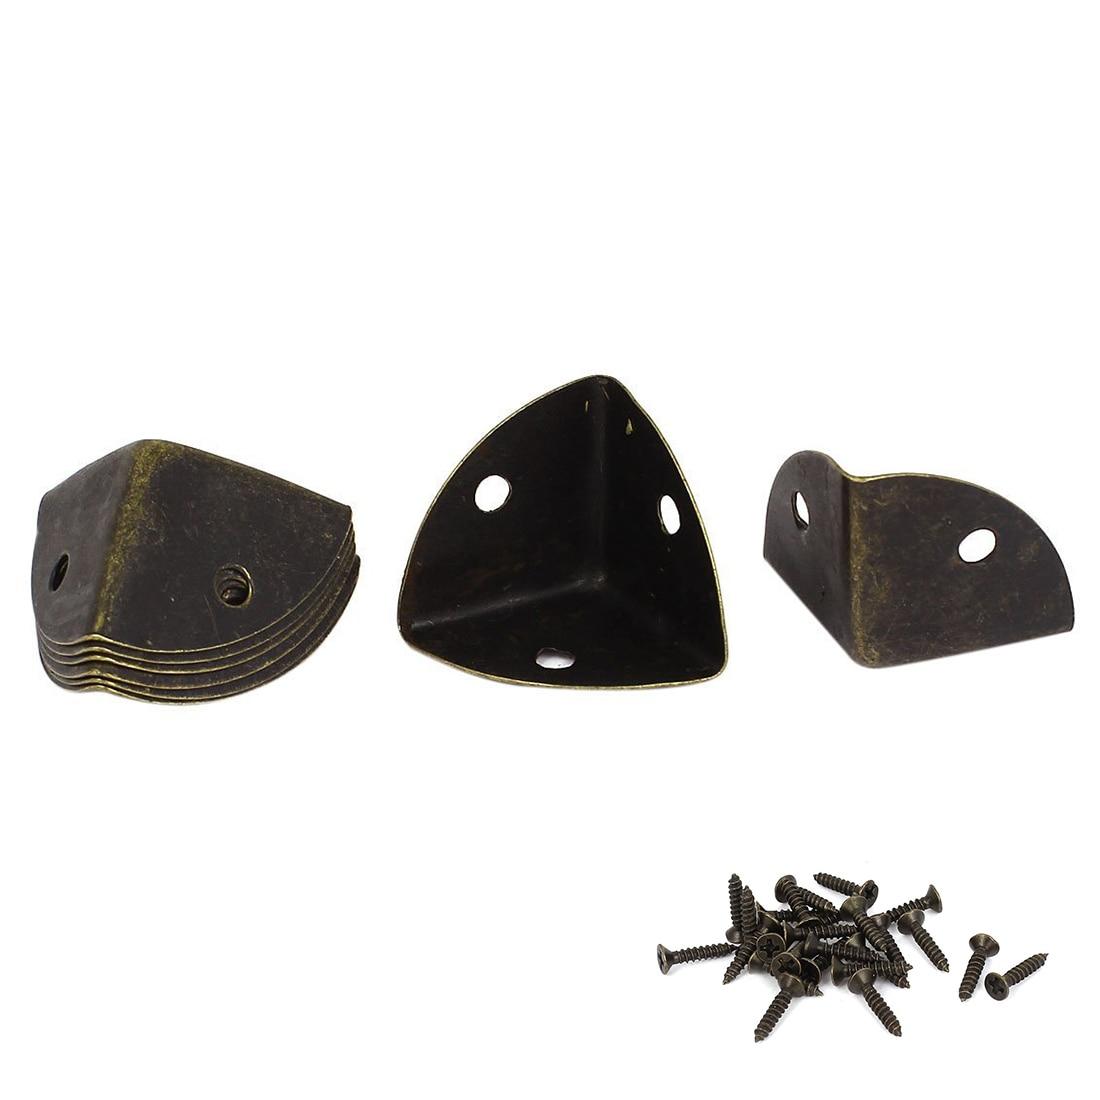 25 mm Bronze Tone Metal Box Corner Protector Screen Protectors, 8 pcs